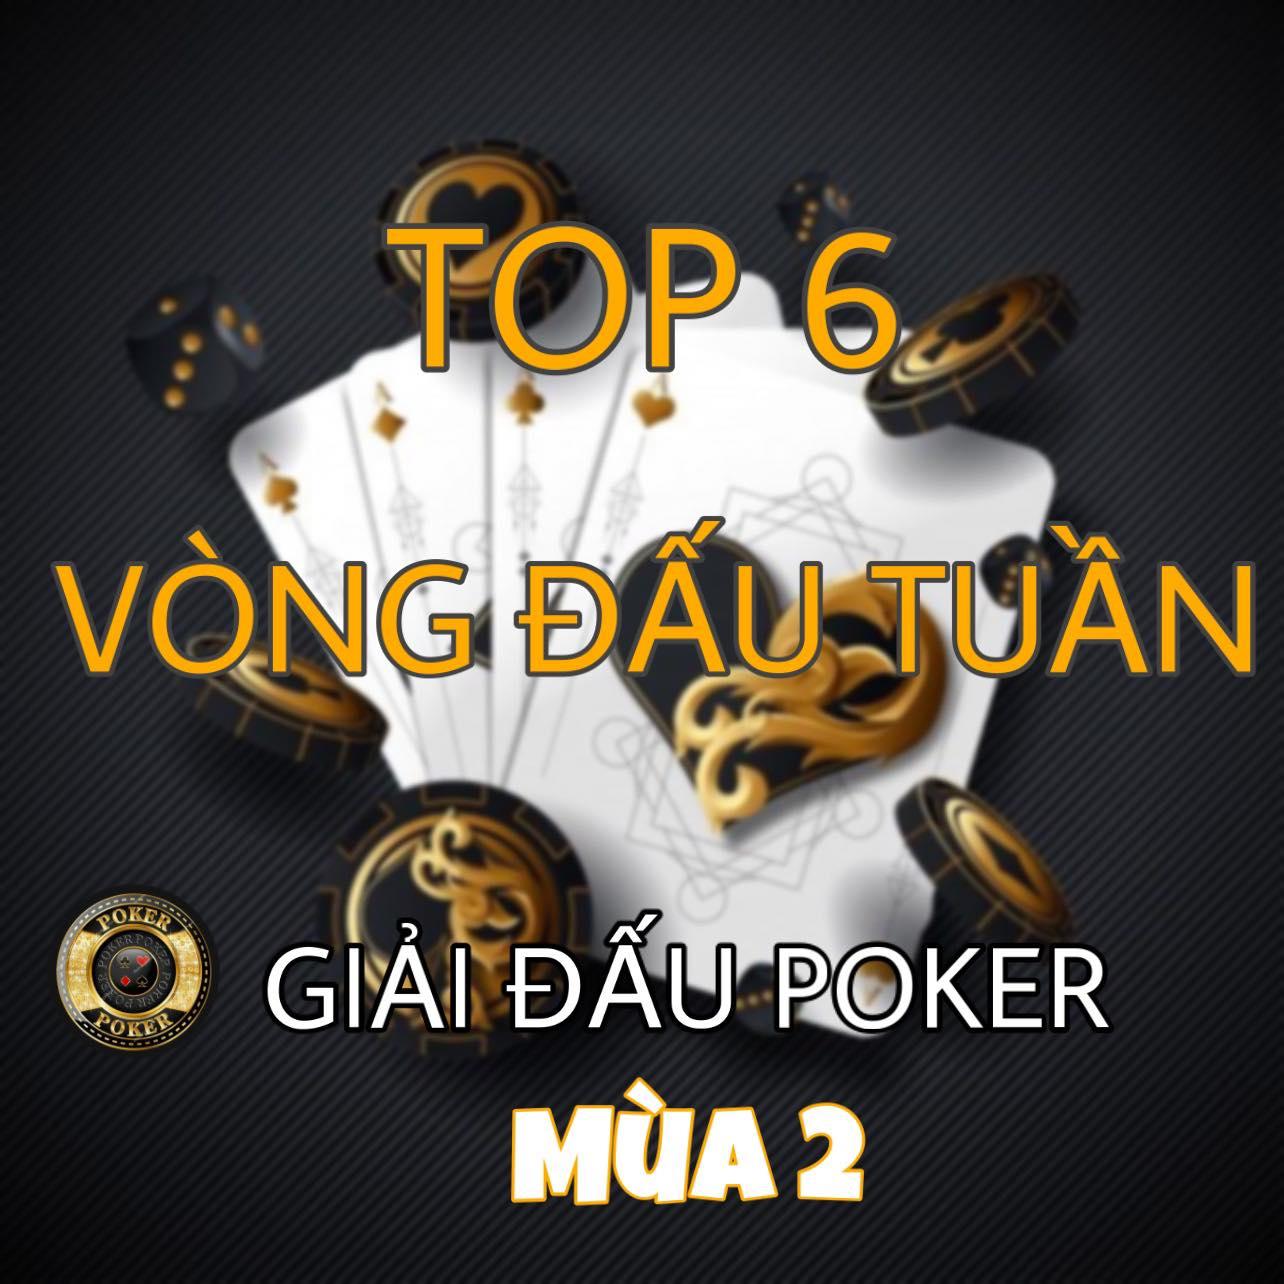 Top 06 Cao Thủ Sẽ Tham Dự Vòng Đấu Tuần Thứ 1 của Giải Đấu Poker Mùa 2